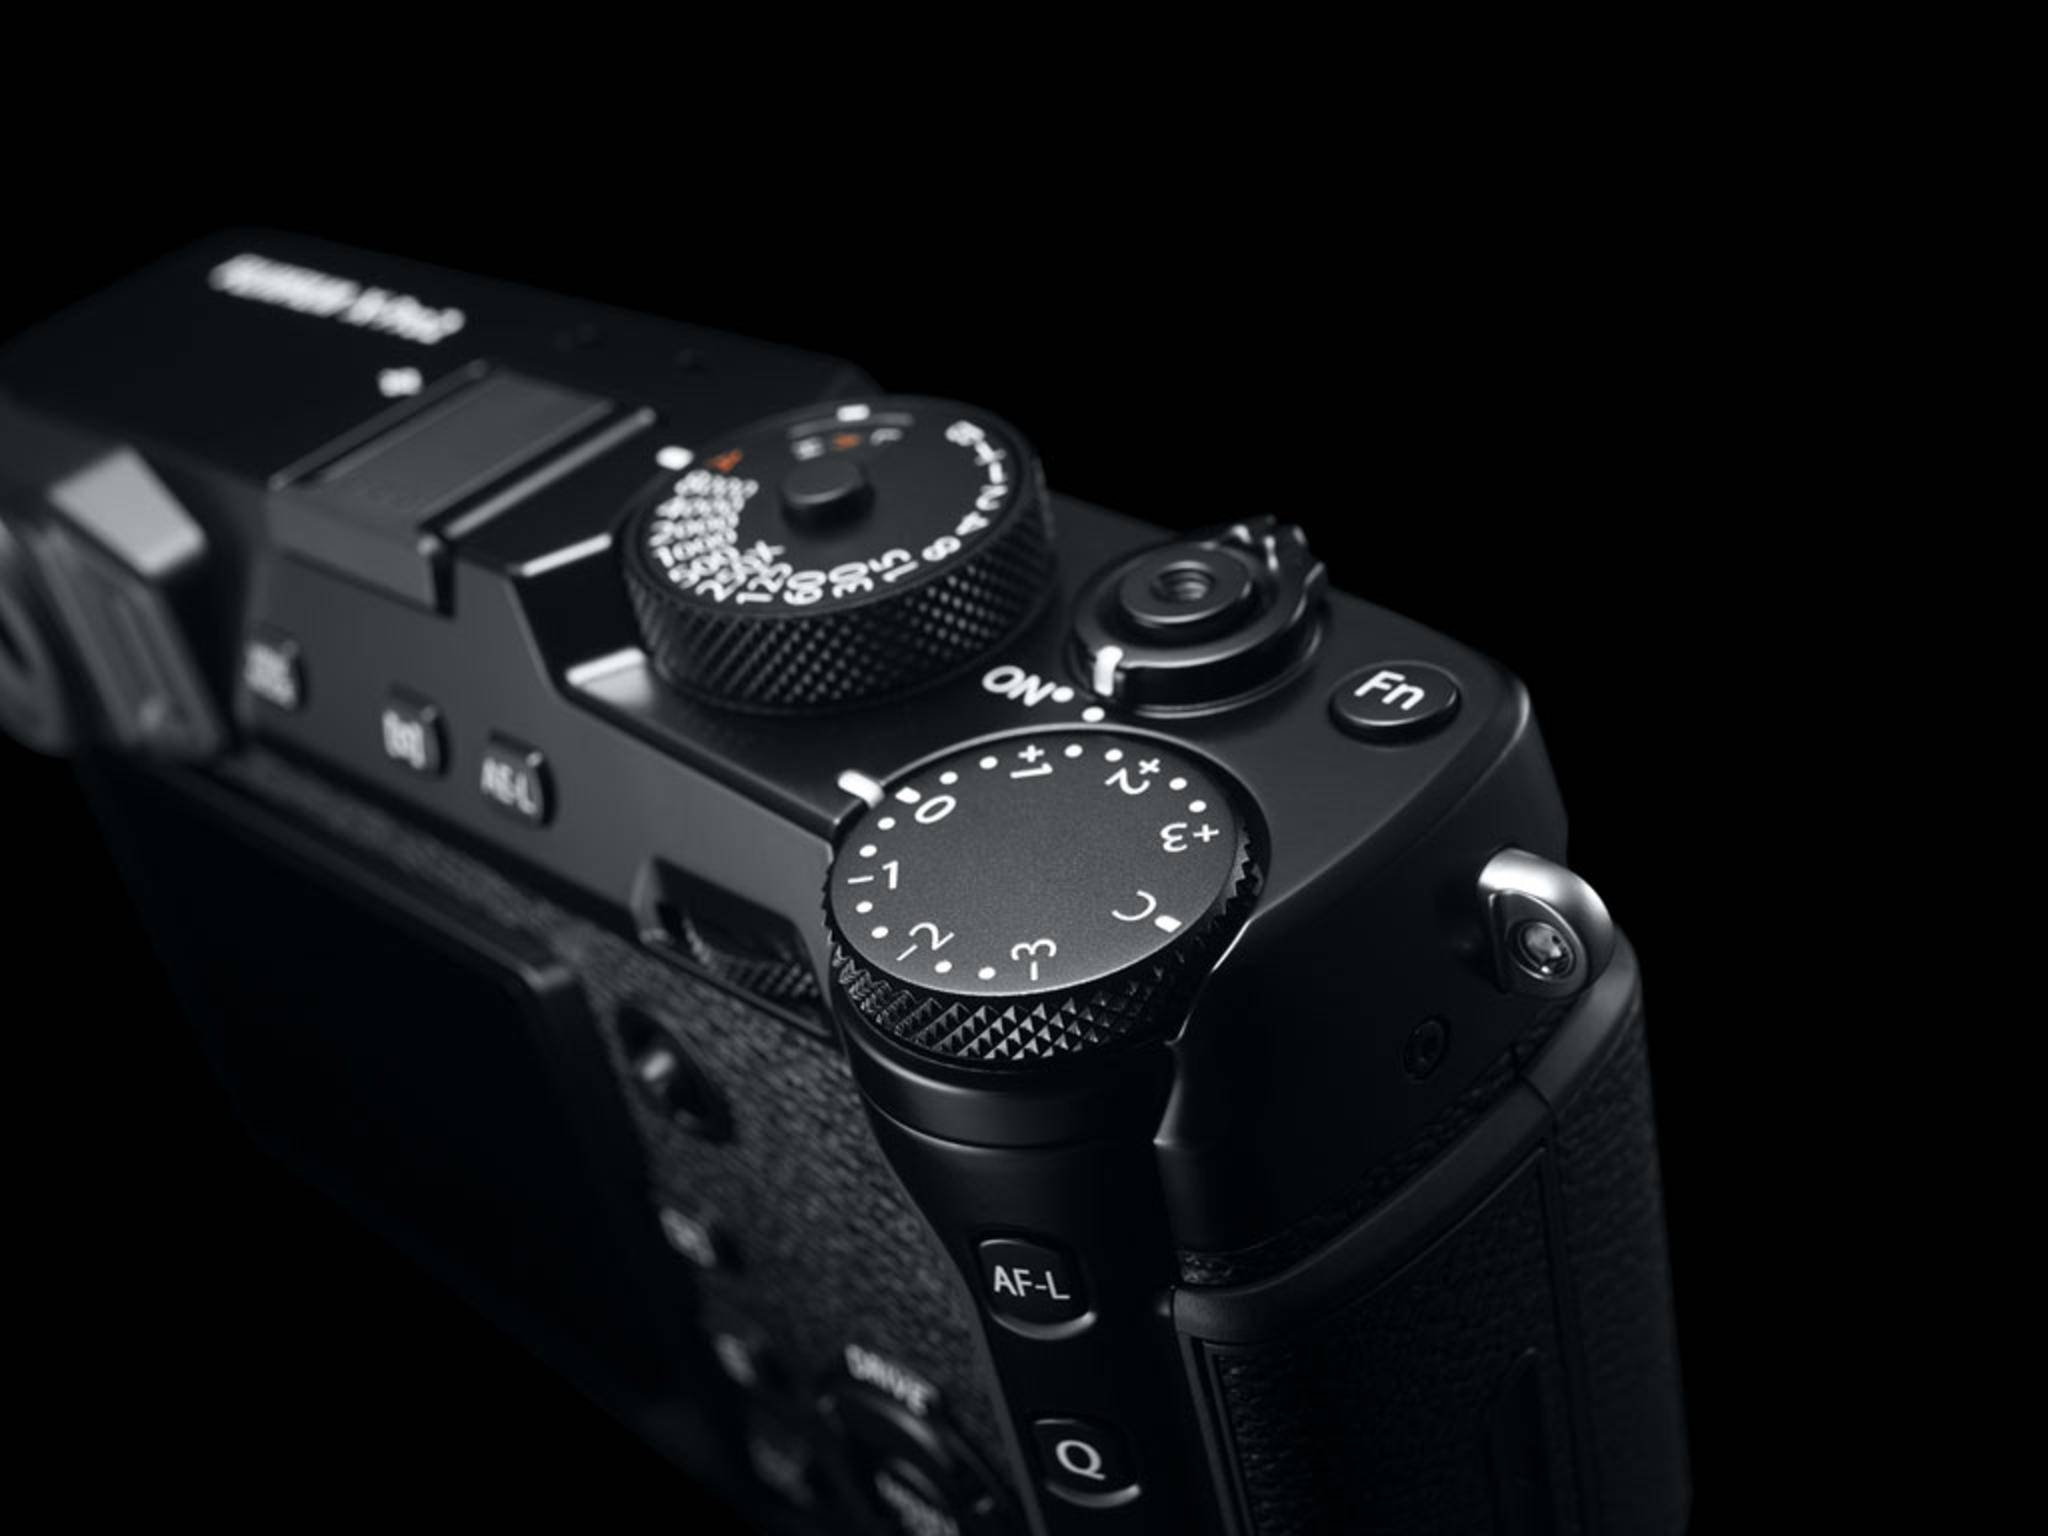 Die Fujifilm X-Pro2 kommt im Februar auch in Deutschland auf den Markt.